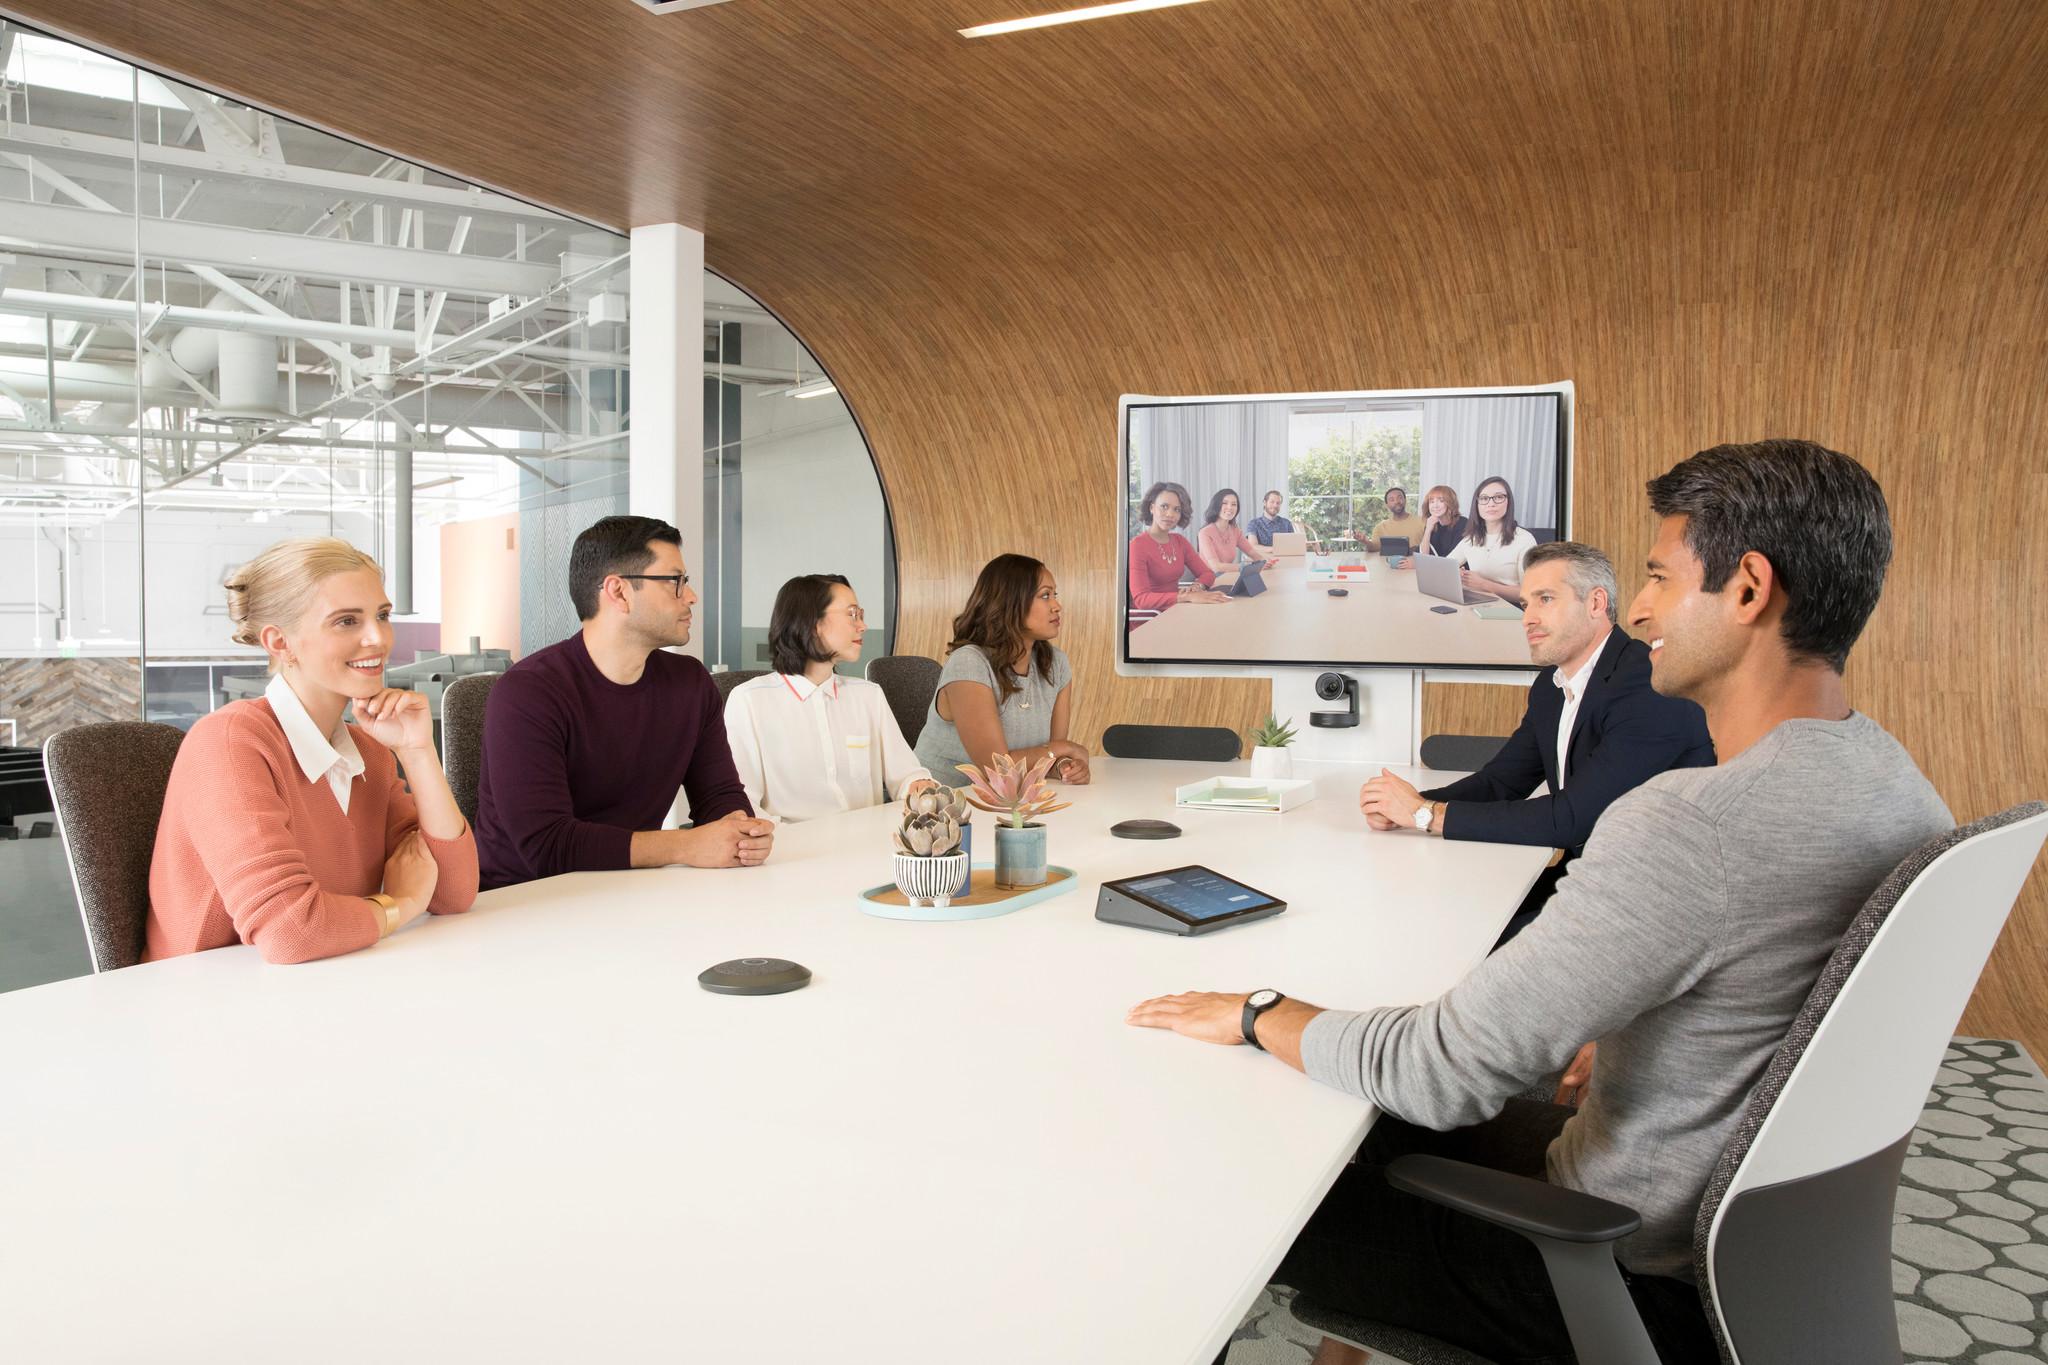 Betrouwbare video-oplossingen voor elke vergaderruimte